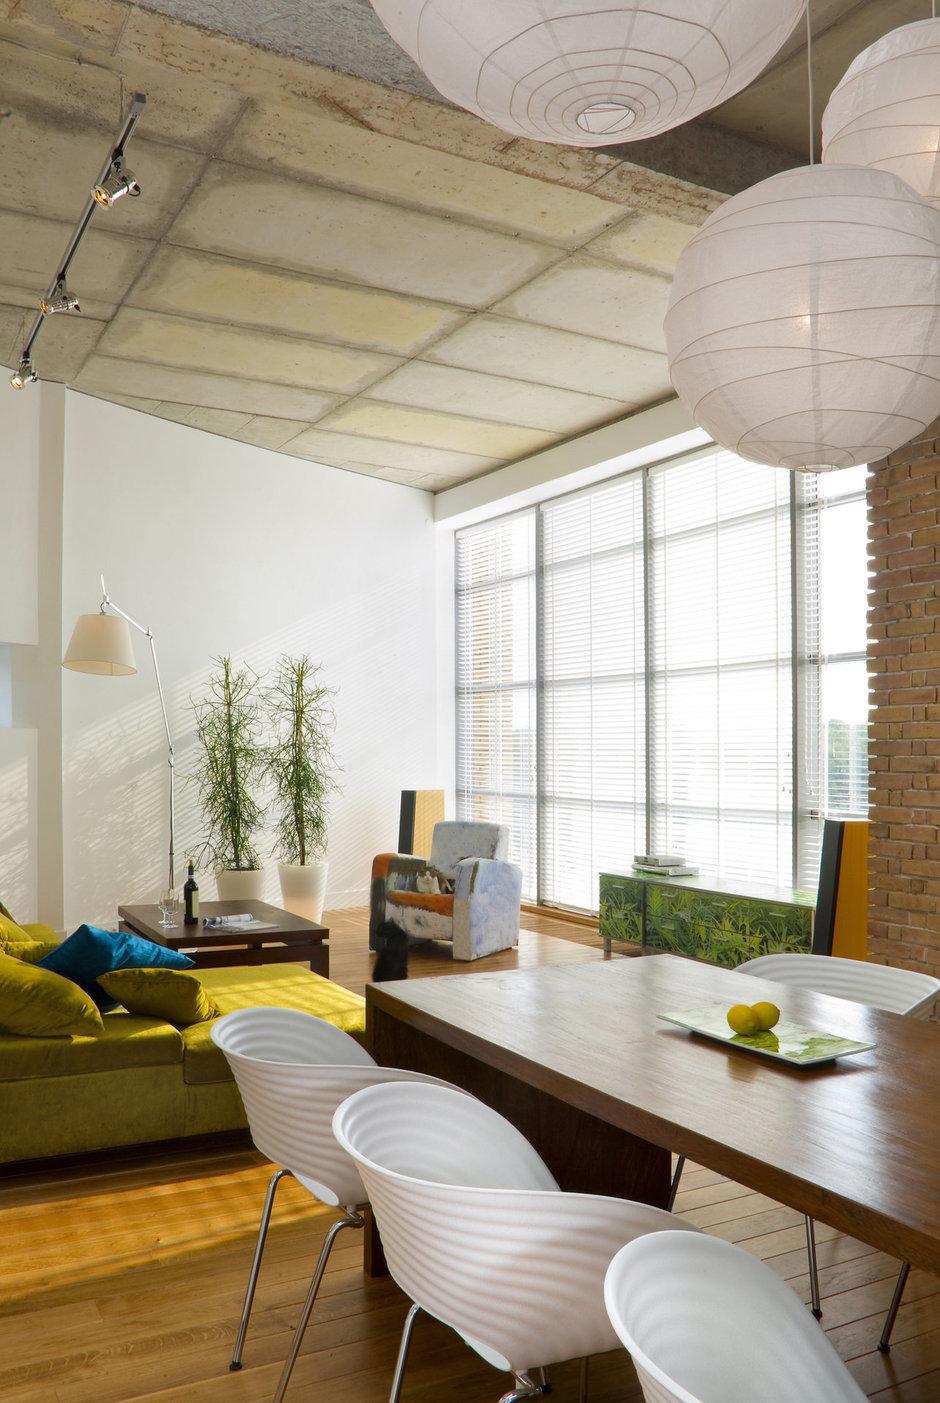 Фотография: Кухня и столовая в стиле Лофт, Современный, Декор интерьера, Квартира, Дома и квартиры, Стена, Индустриальный – фото на InMyRoom.ru